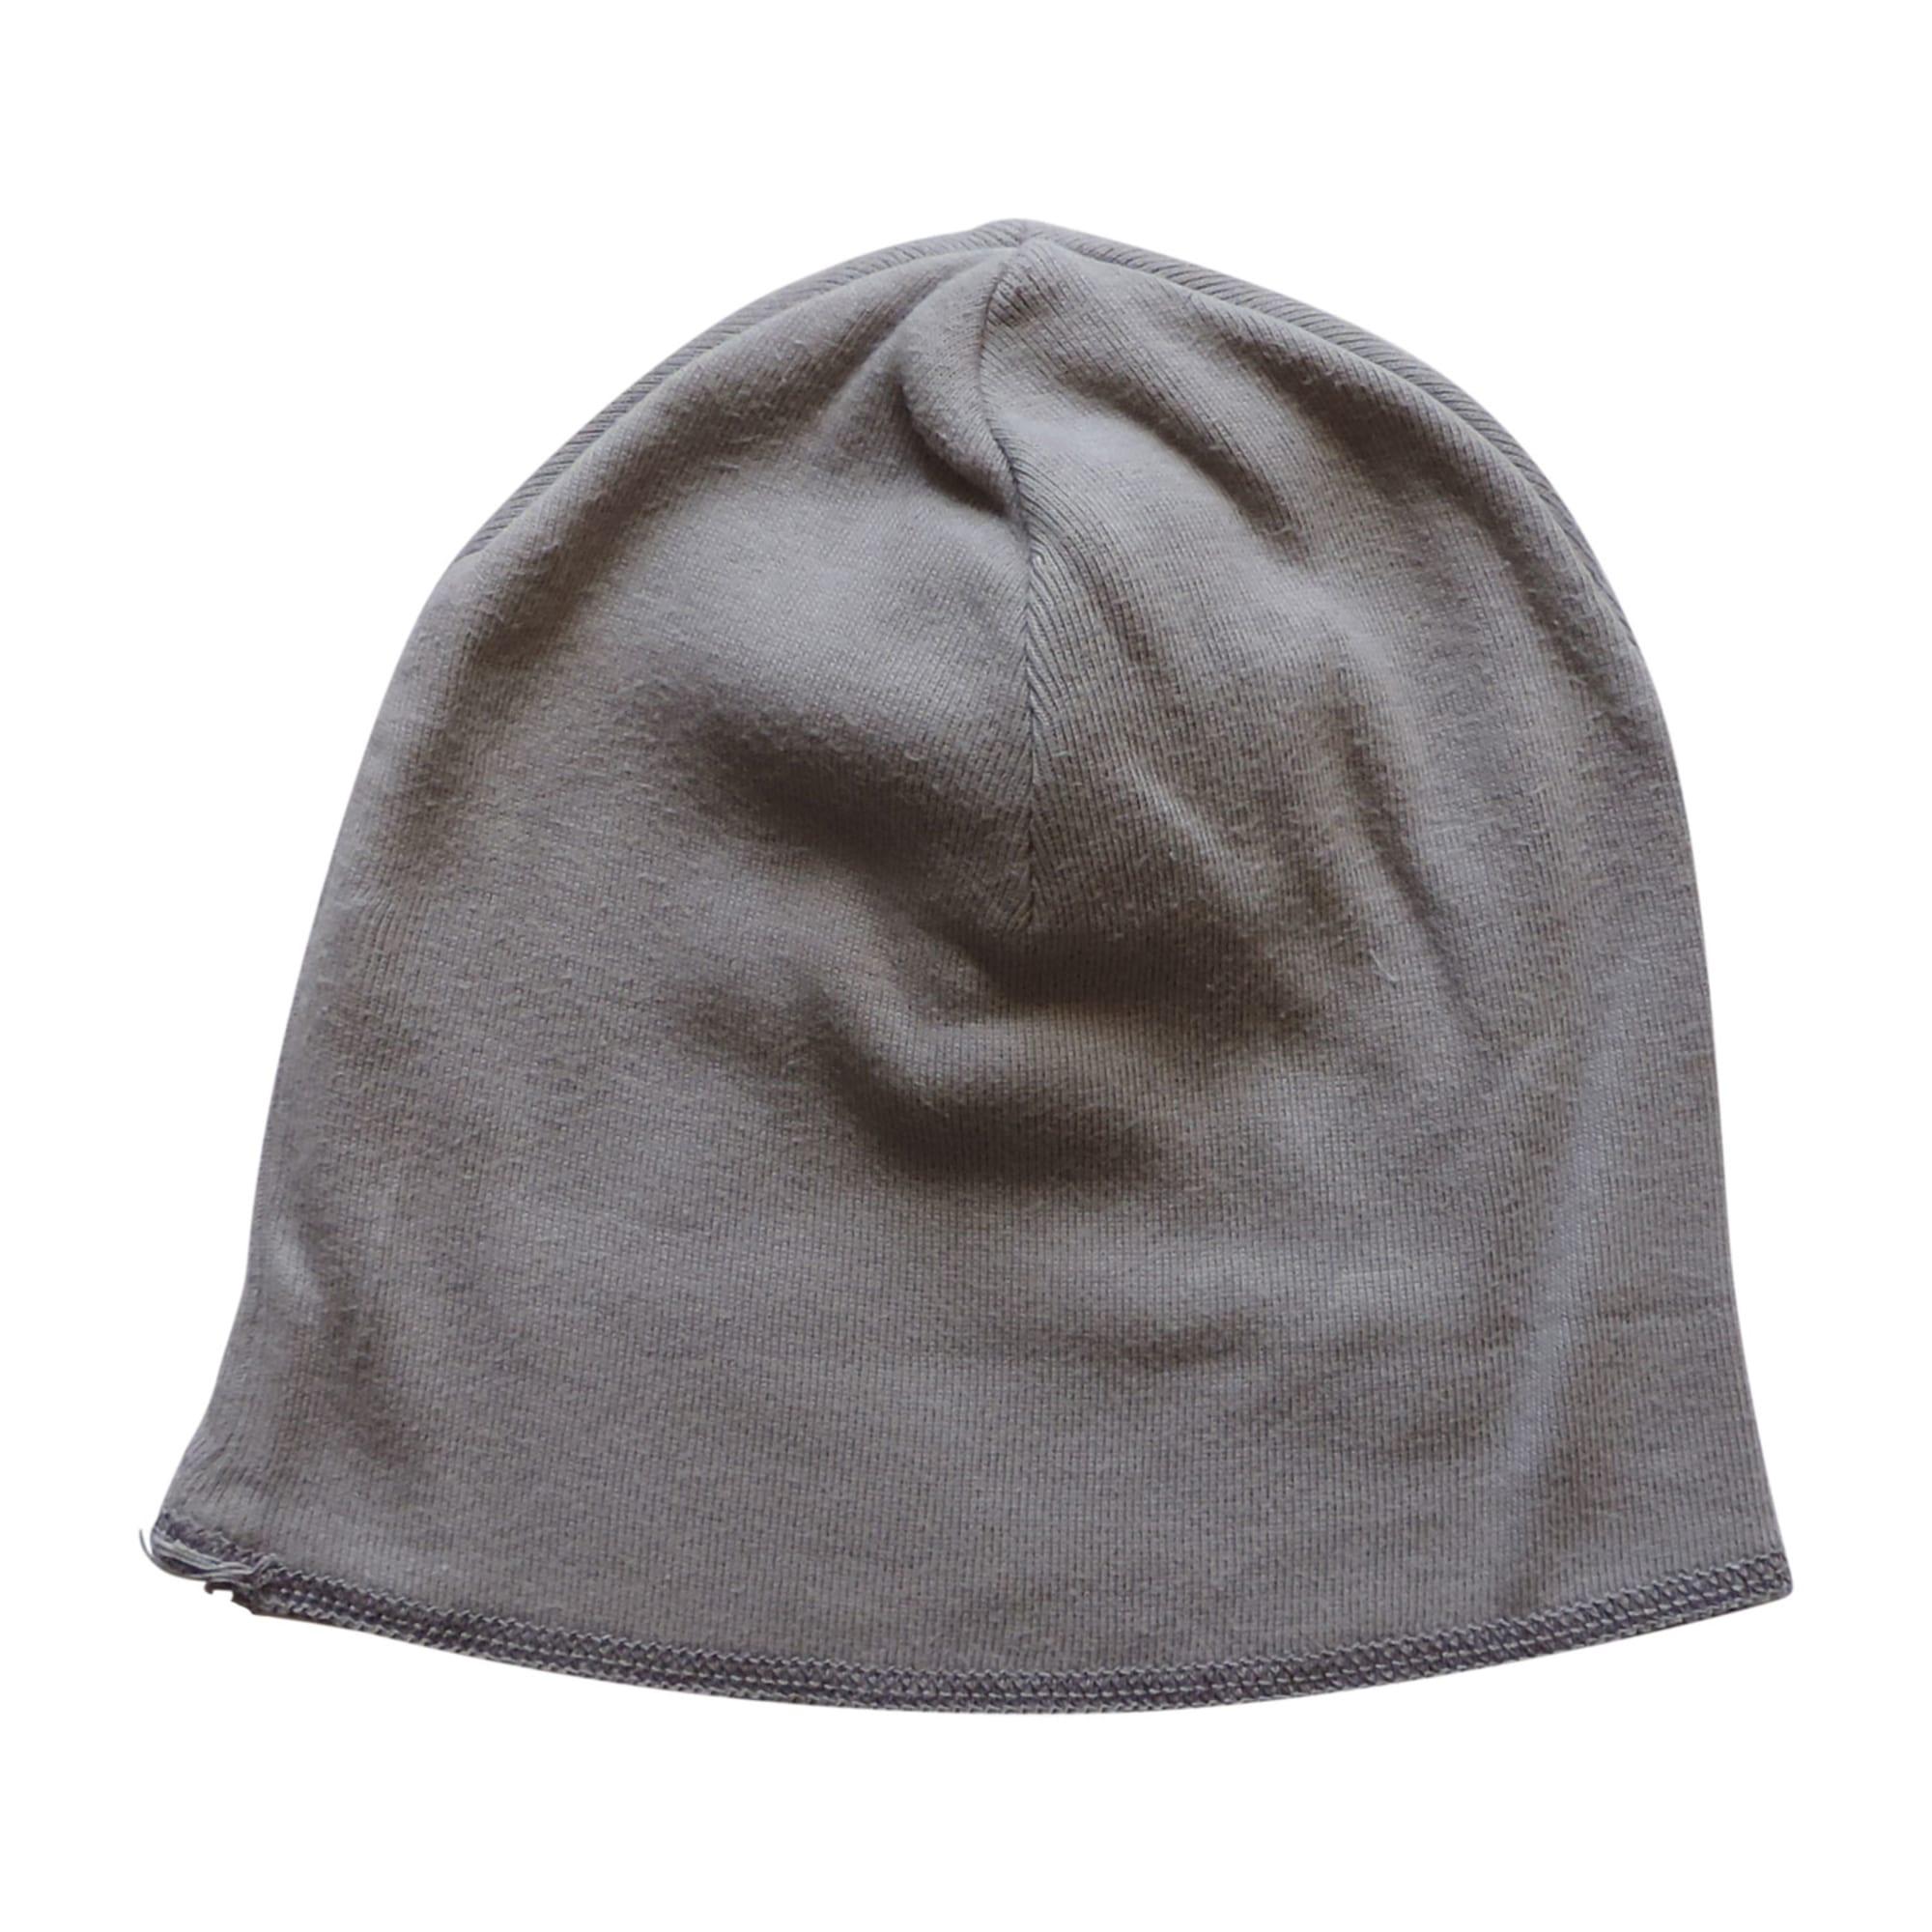 465acaaf0517b Bonnet BONTON Taille unique gris - 4485867